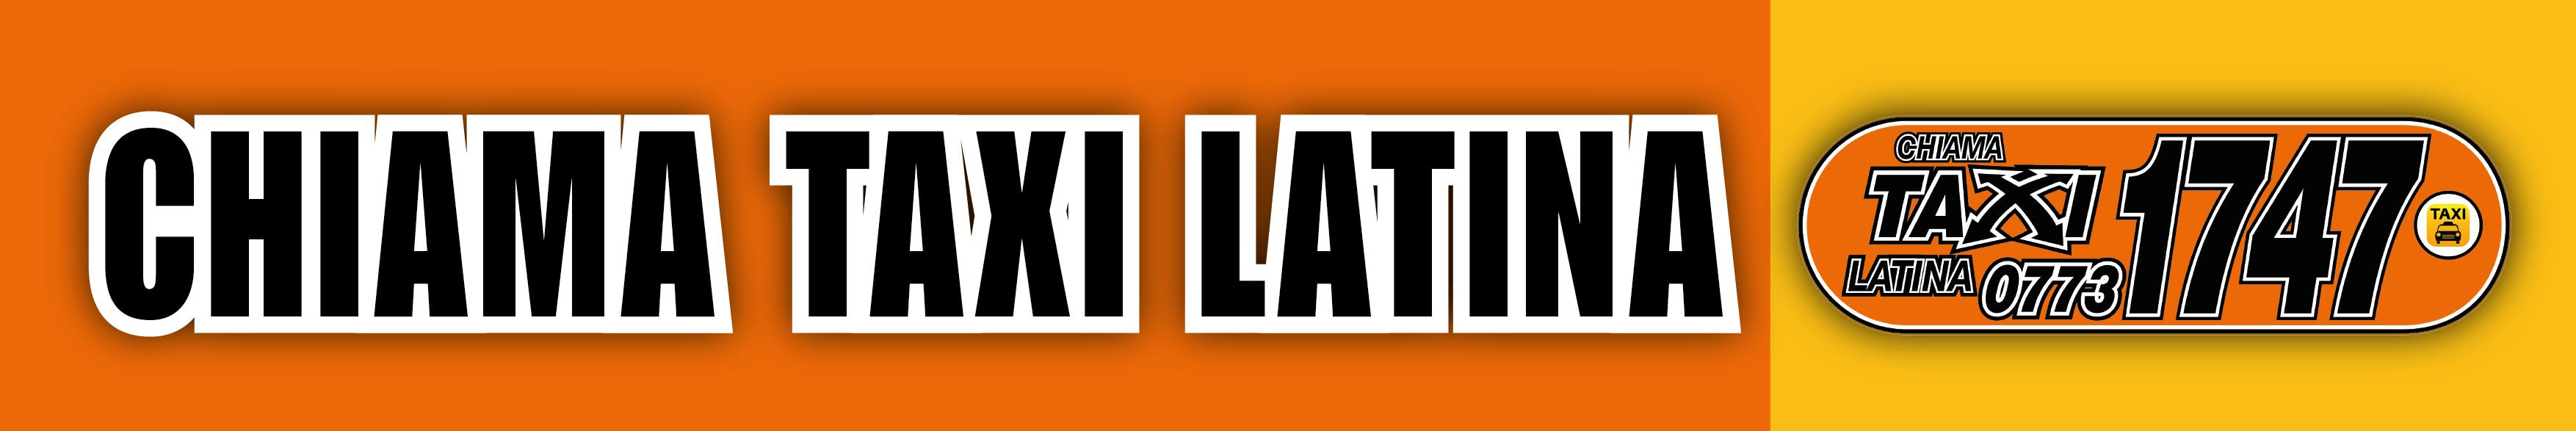 0773 1747 | Taxi Latina